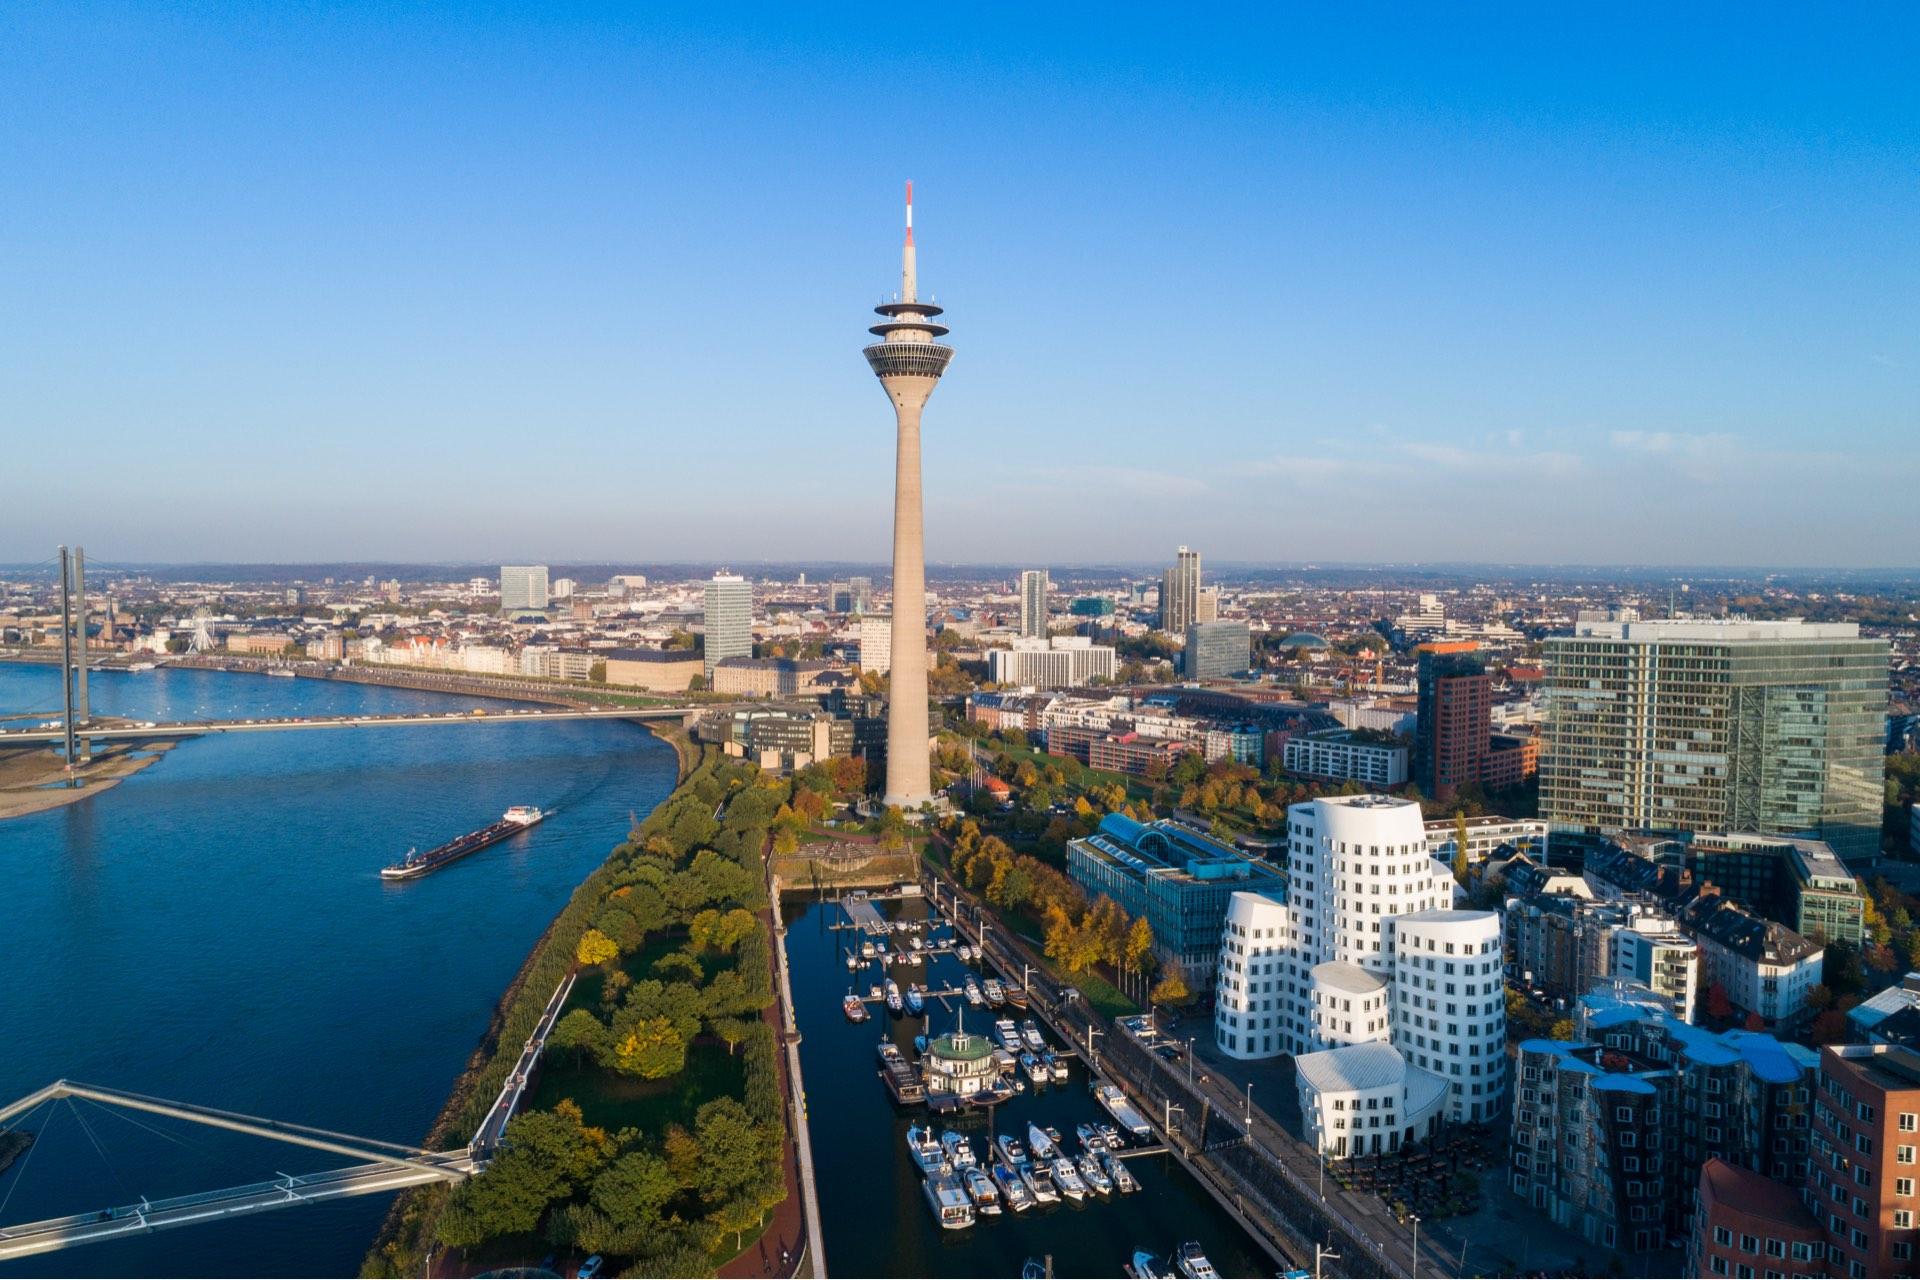 Foto vom Düsseldorfer Medienhafen mit Blick auf dem Rheinturm